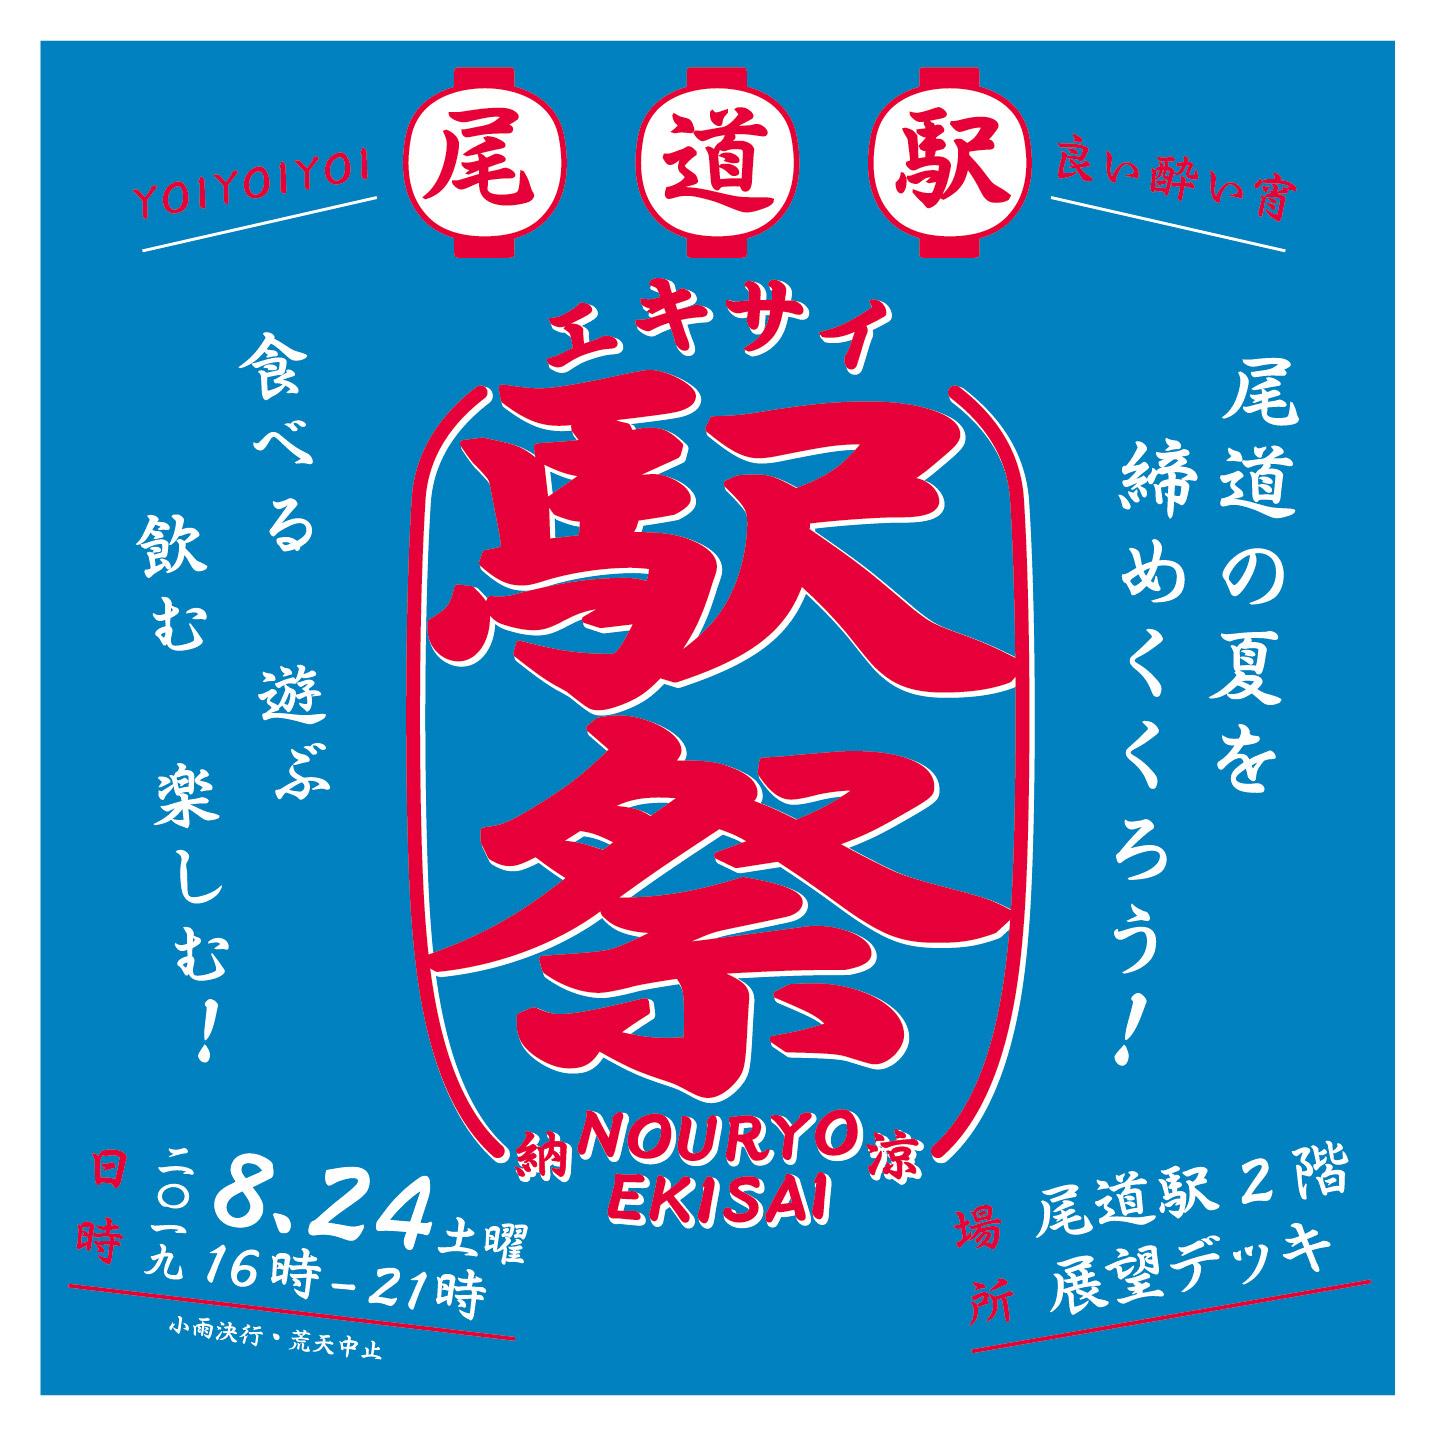 初開催「尾道駅 駅祭 -エキサイ-」8月24日(土) 尾道の夏を締めくくる、尾道駅舎・展望デッキで夏祭り